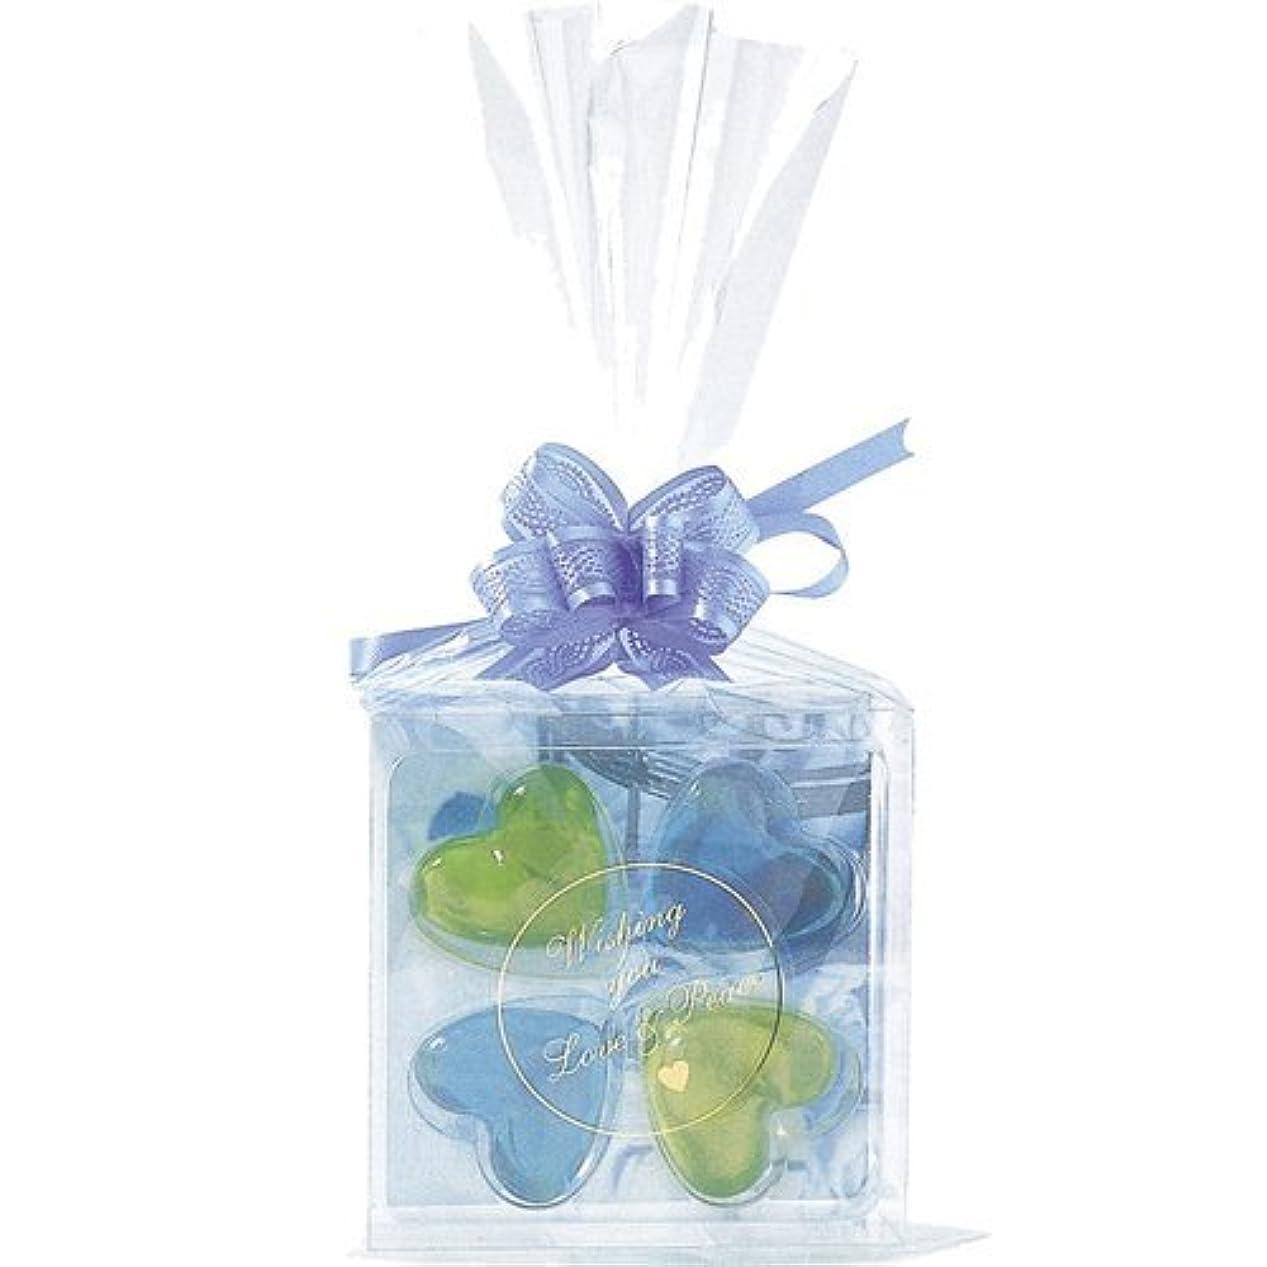 コンプリートマスクレイプジーピークリエイツ フォーチューンクローバー ブルー 入浴料セット(グリーンアップル、ベリー)